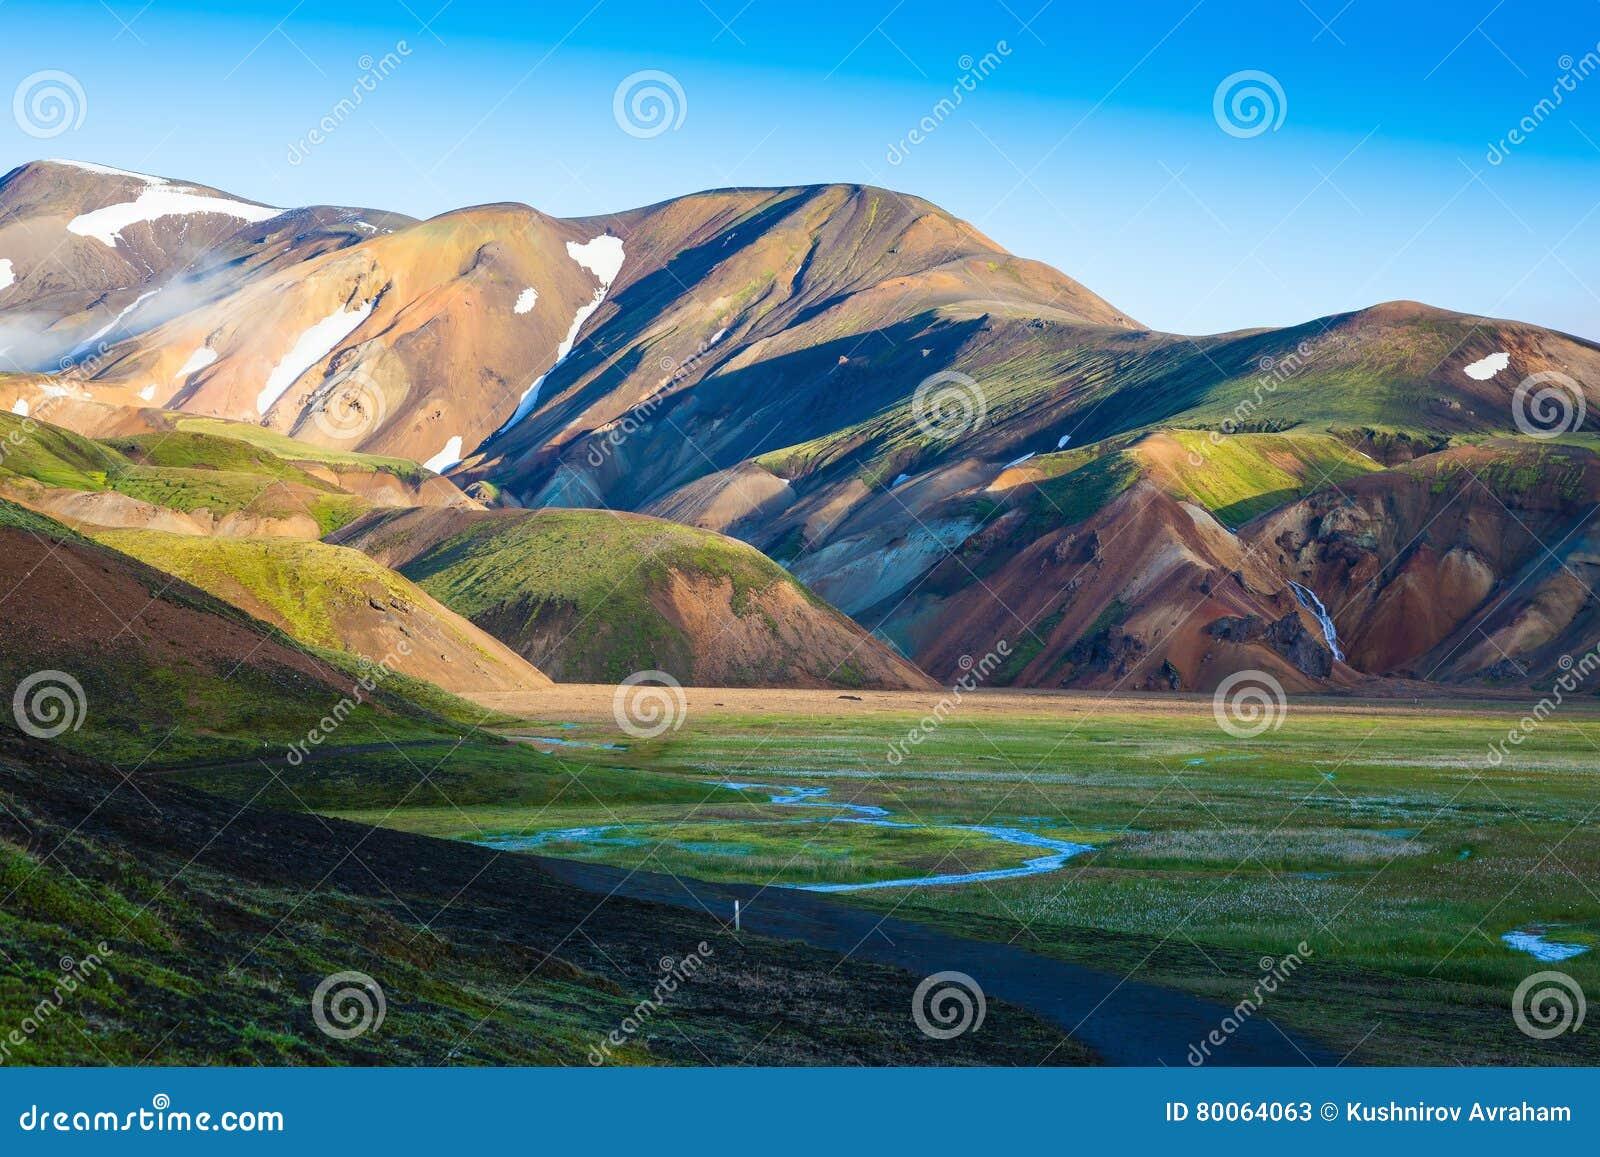 De sneeuw ligt in kleurrijke ryolietbergen